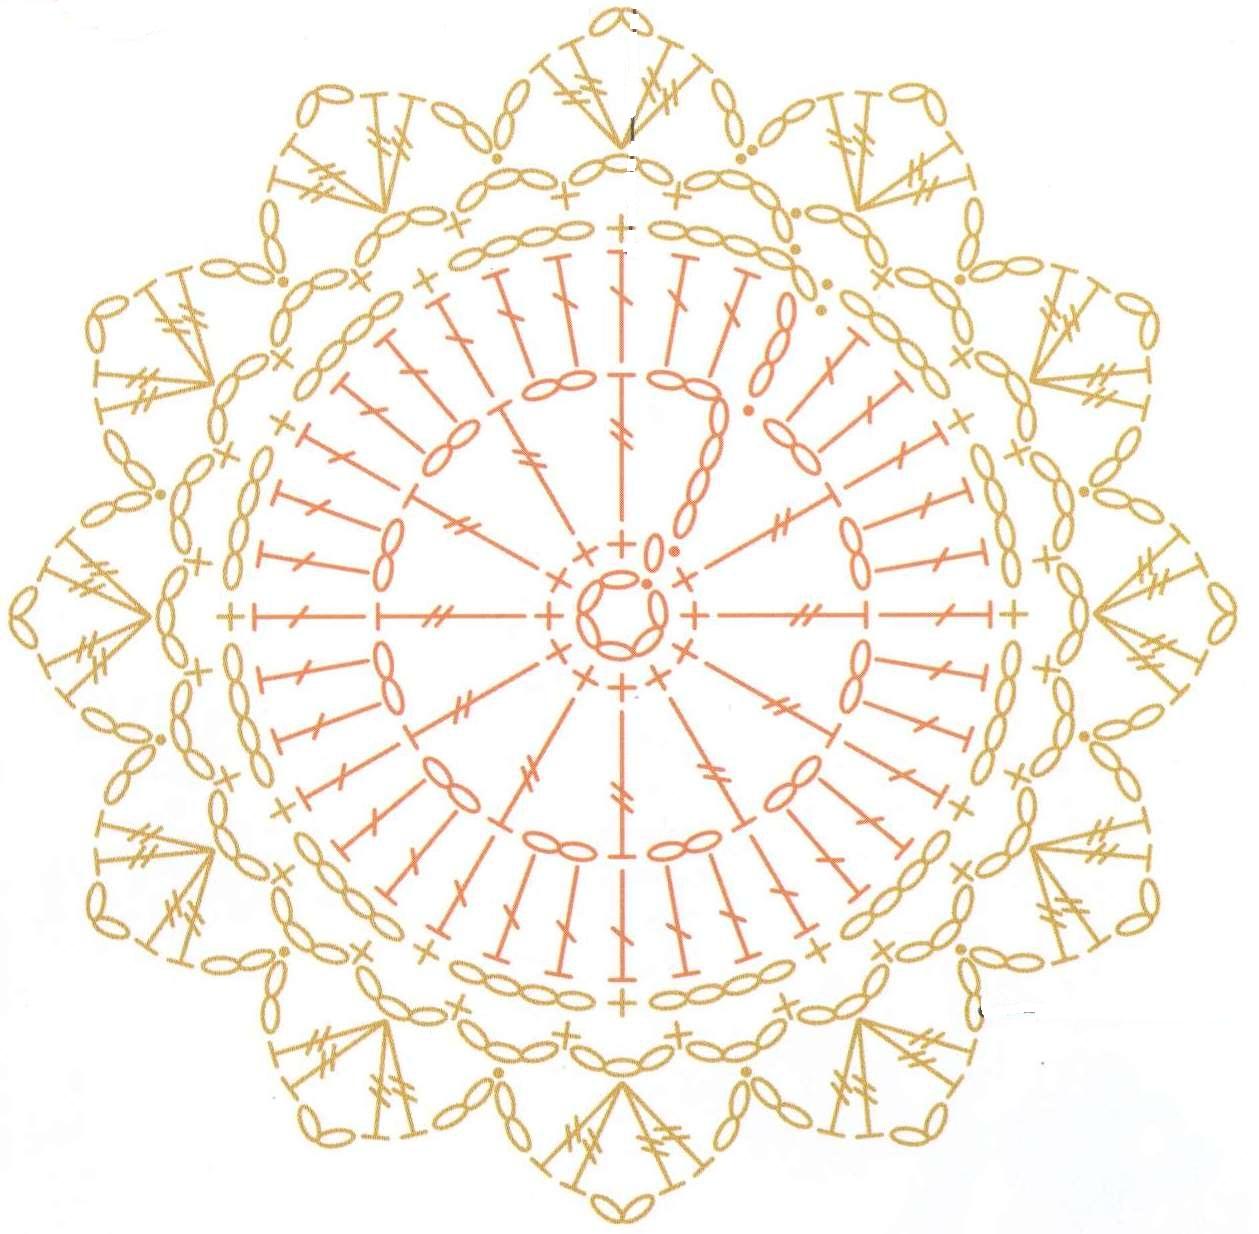 0015_Crochet World - August 2014_13 (3)